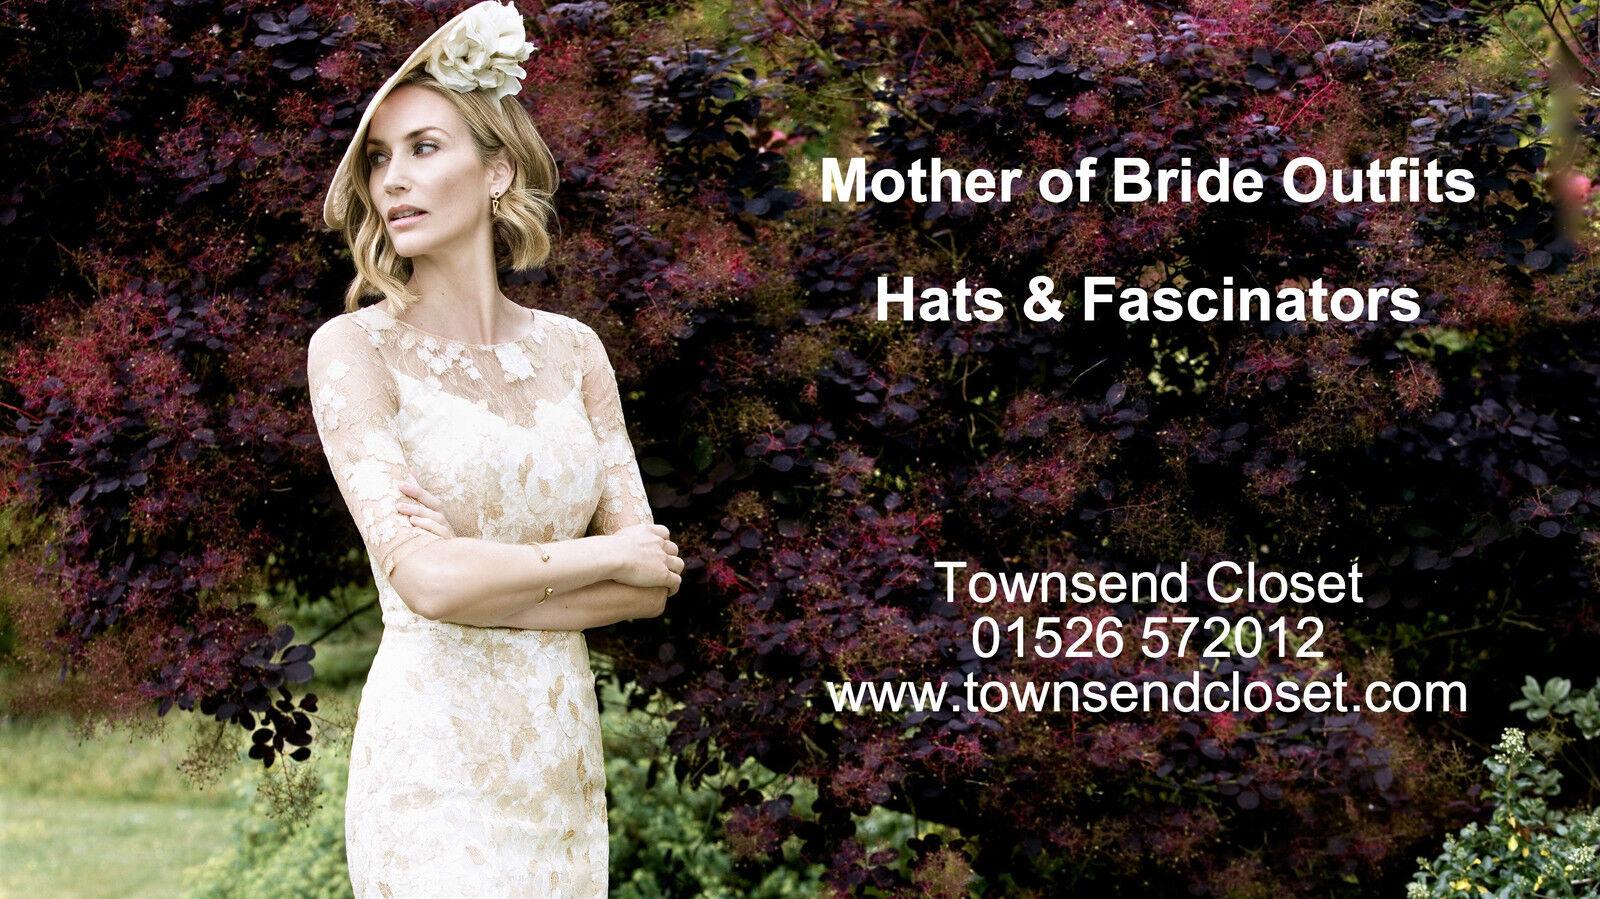 Townsend Closet